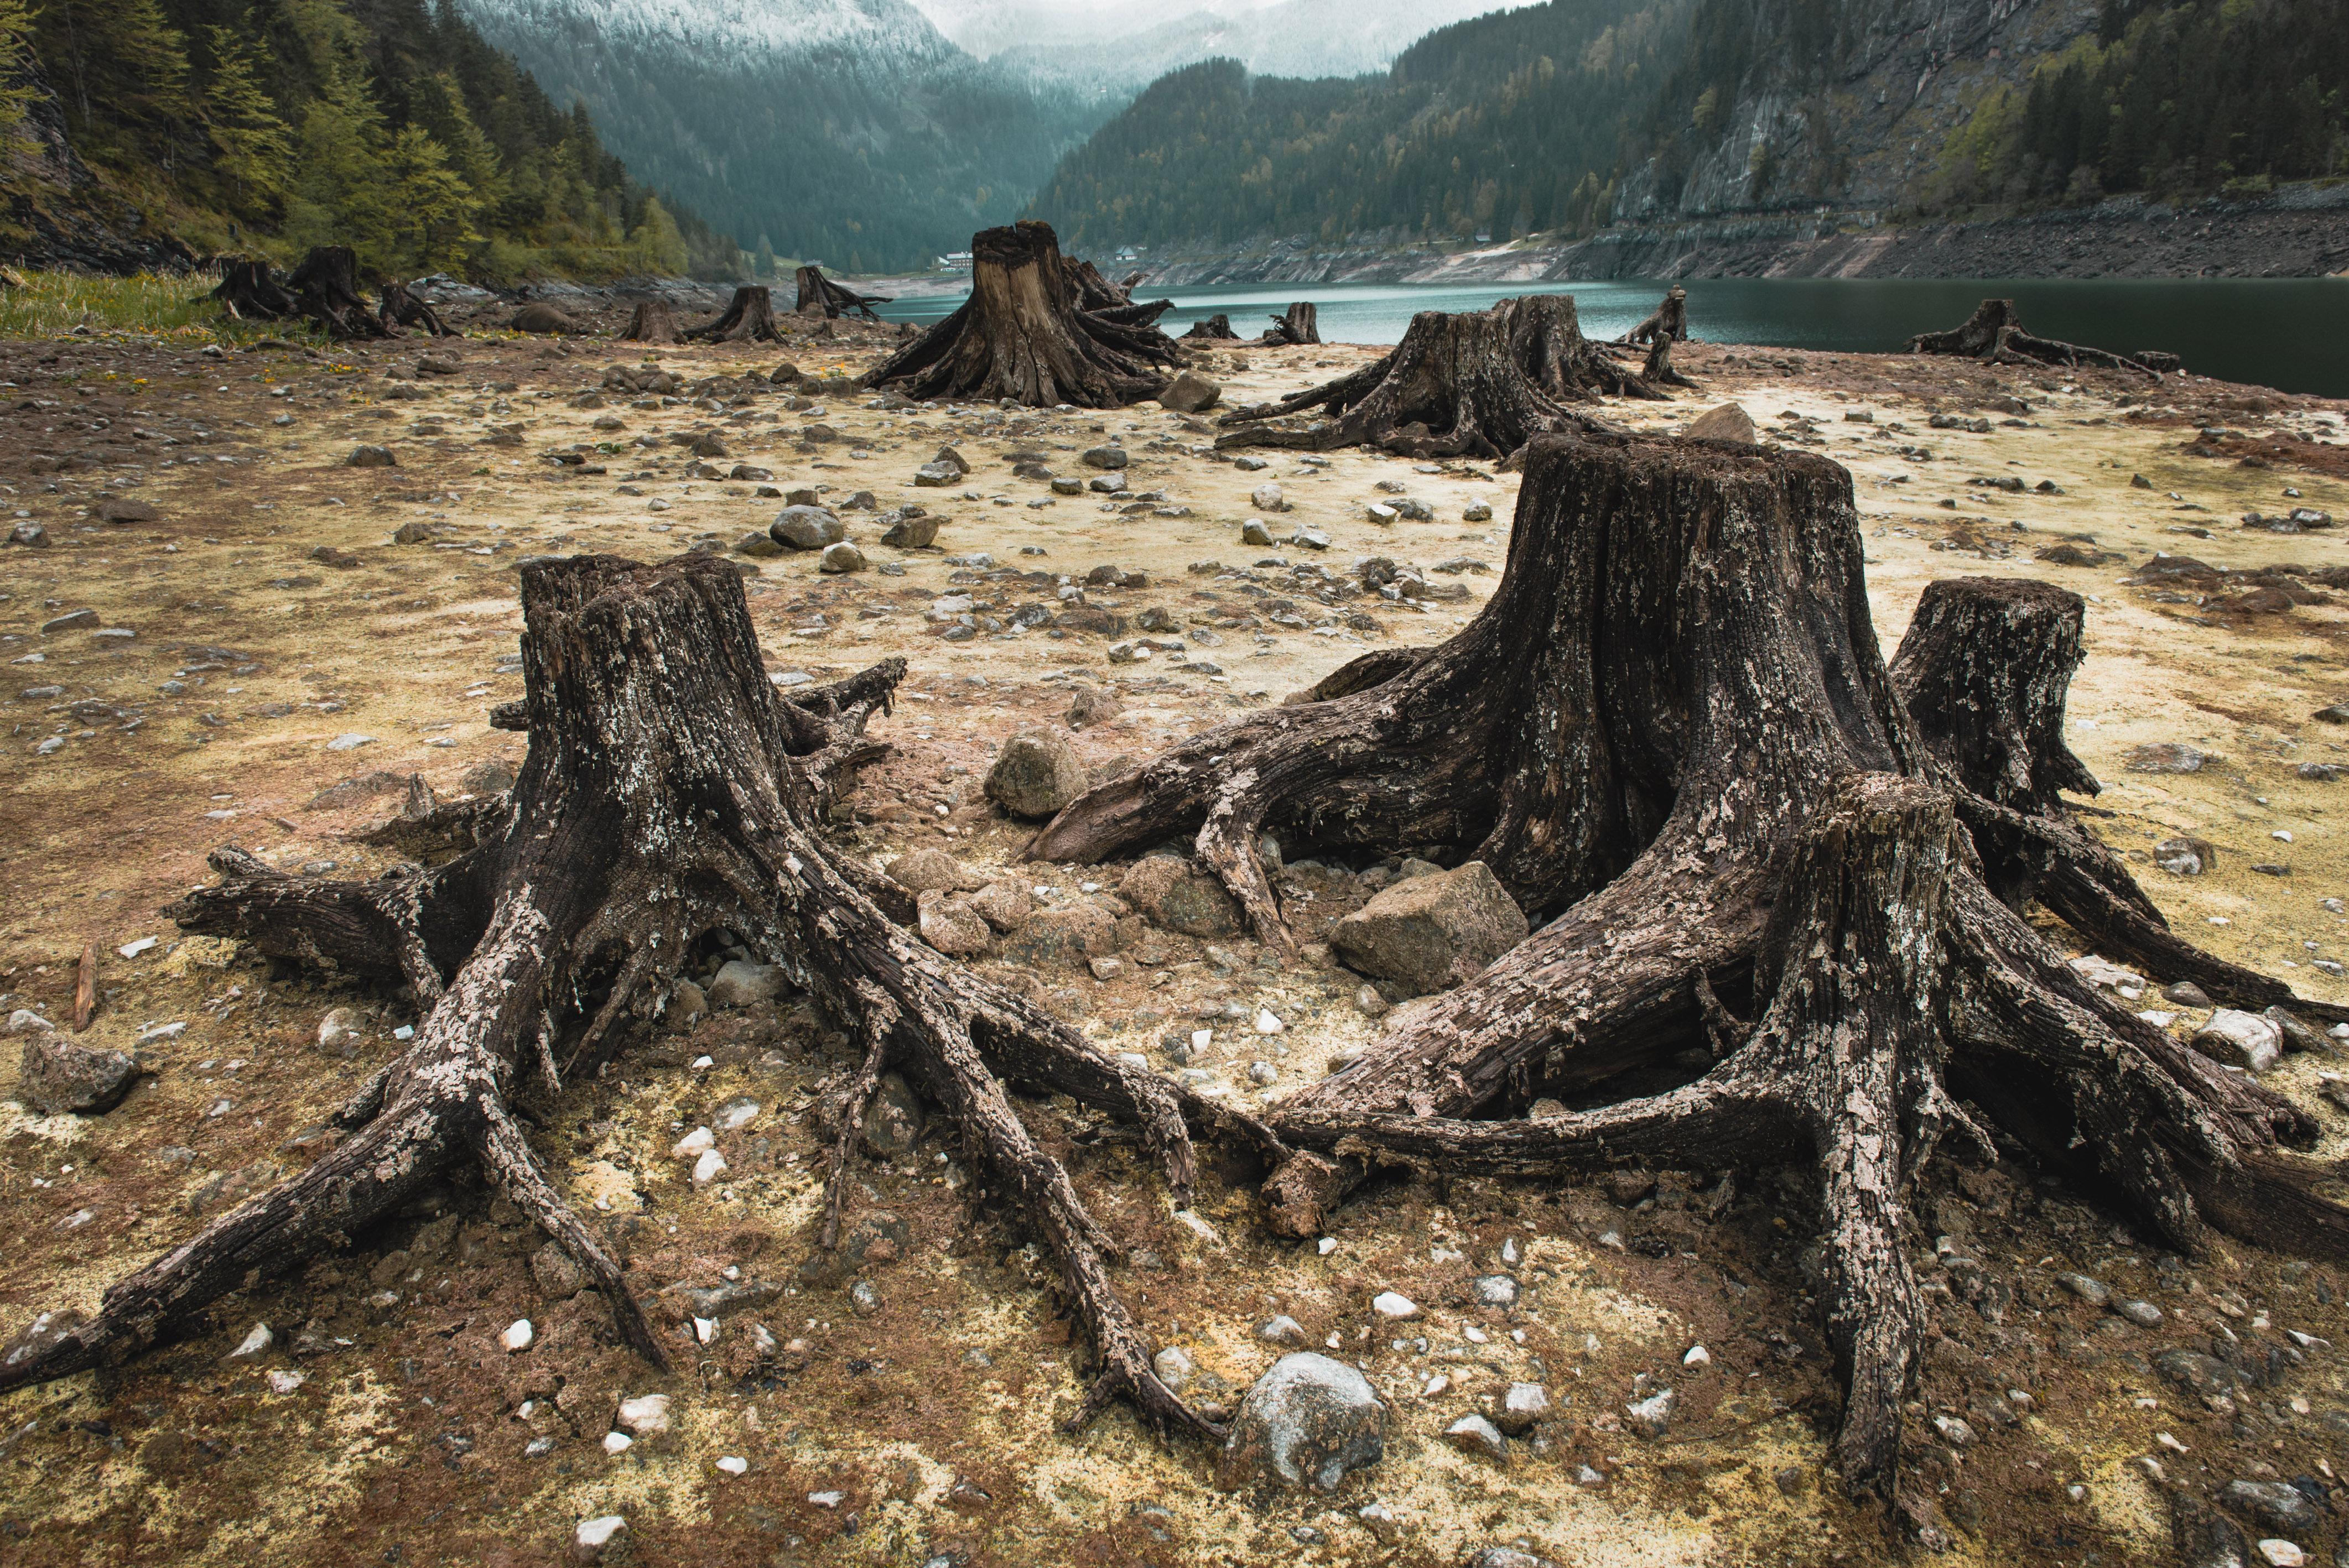 Половине объектов дикой природы ЮНЕСКО угрожает уничтожение